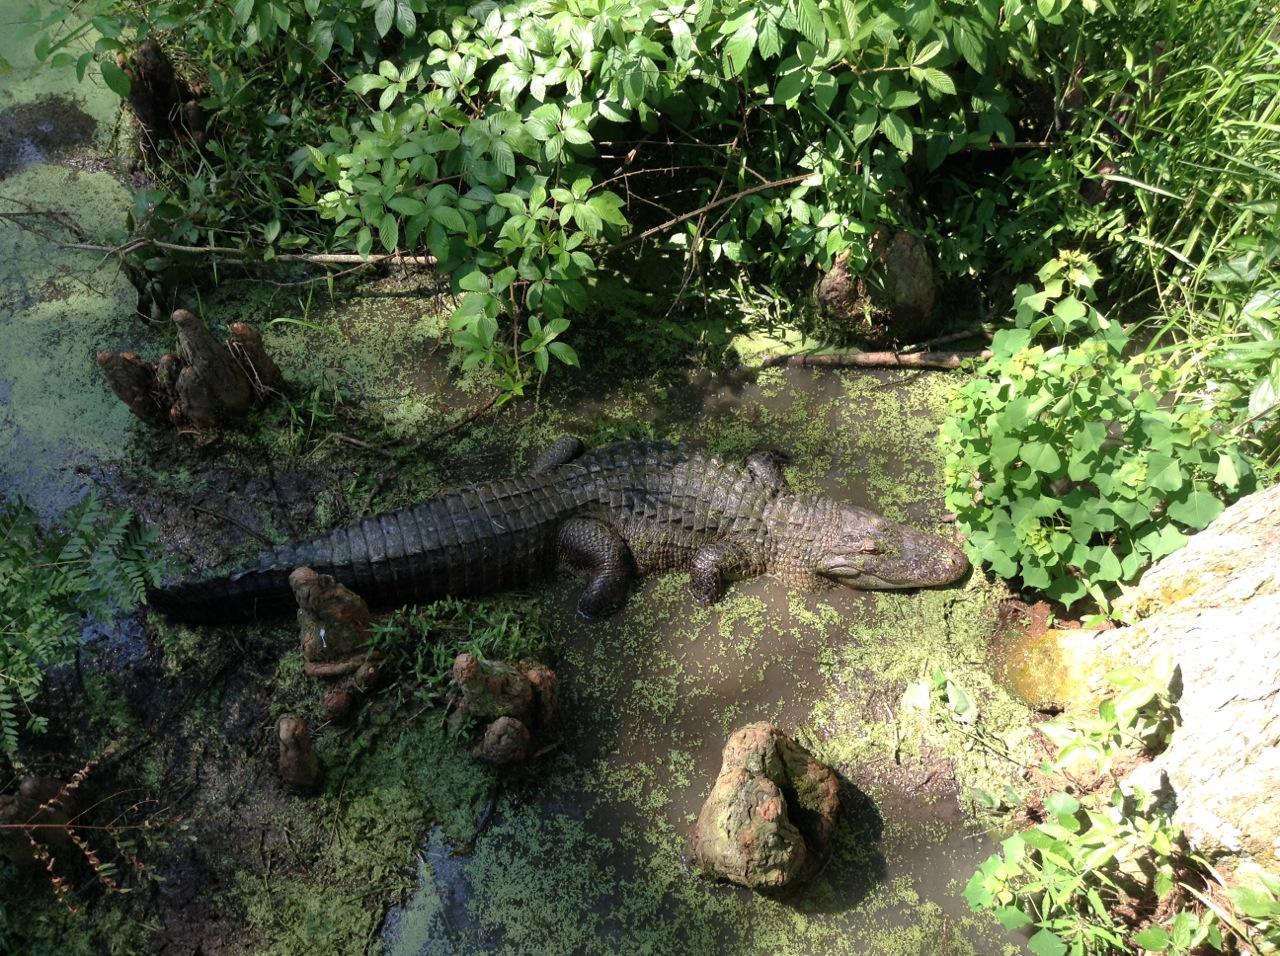 https://alabama-travel.s3.amazonaws.com/partners-uploads/photo/image/5bae903dee7dea2bd700009c/alligator_alley_1._photo_courtesy_alabamacoastal_birdfest.jpg